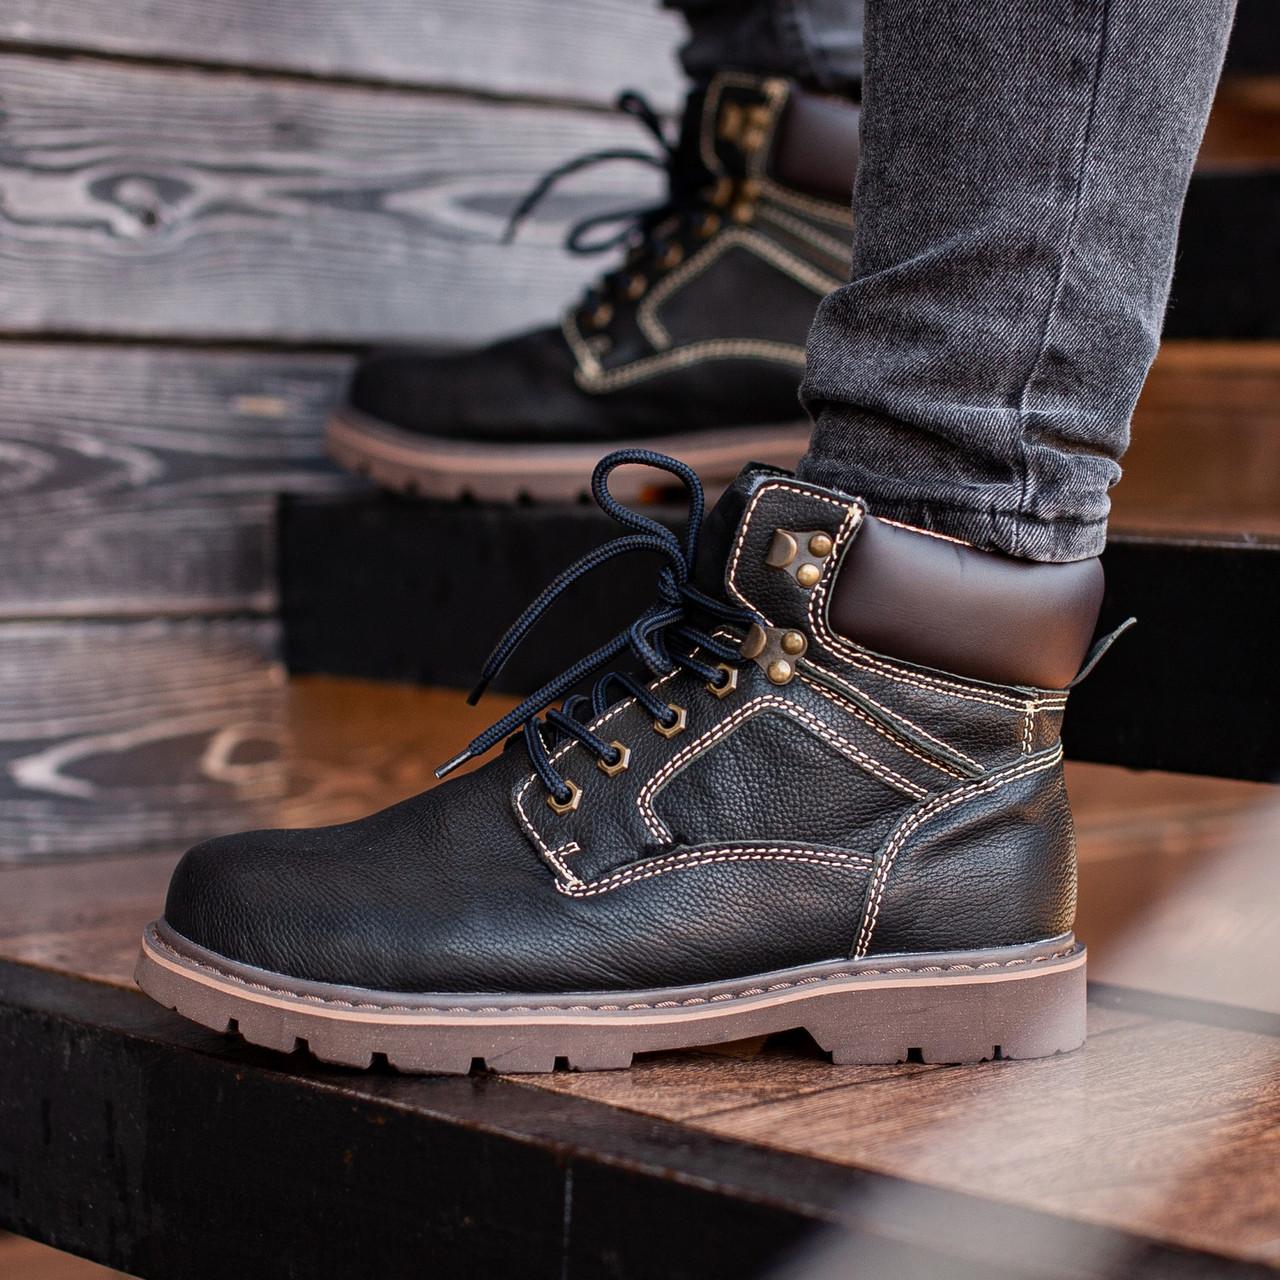 Ботинки мужские зимние South Graft black, зимние классические ботинки